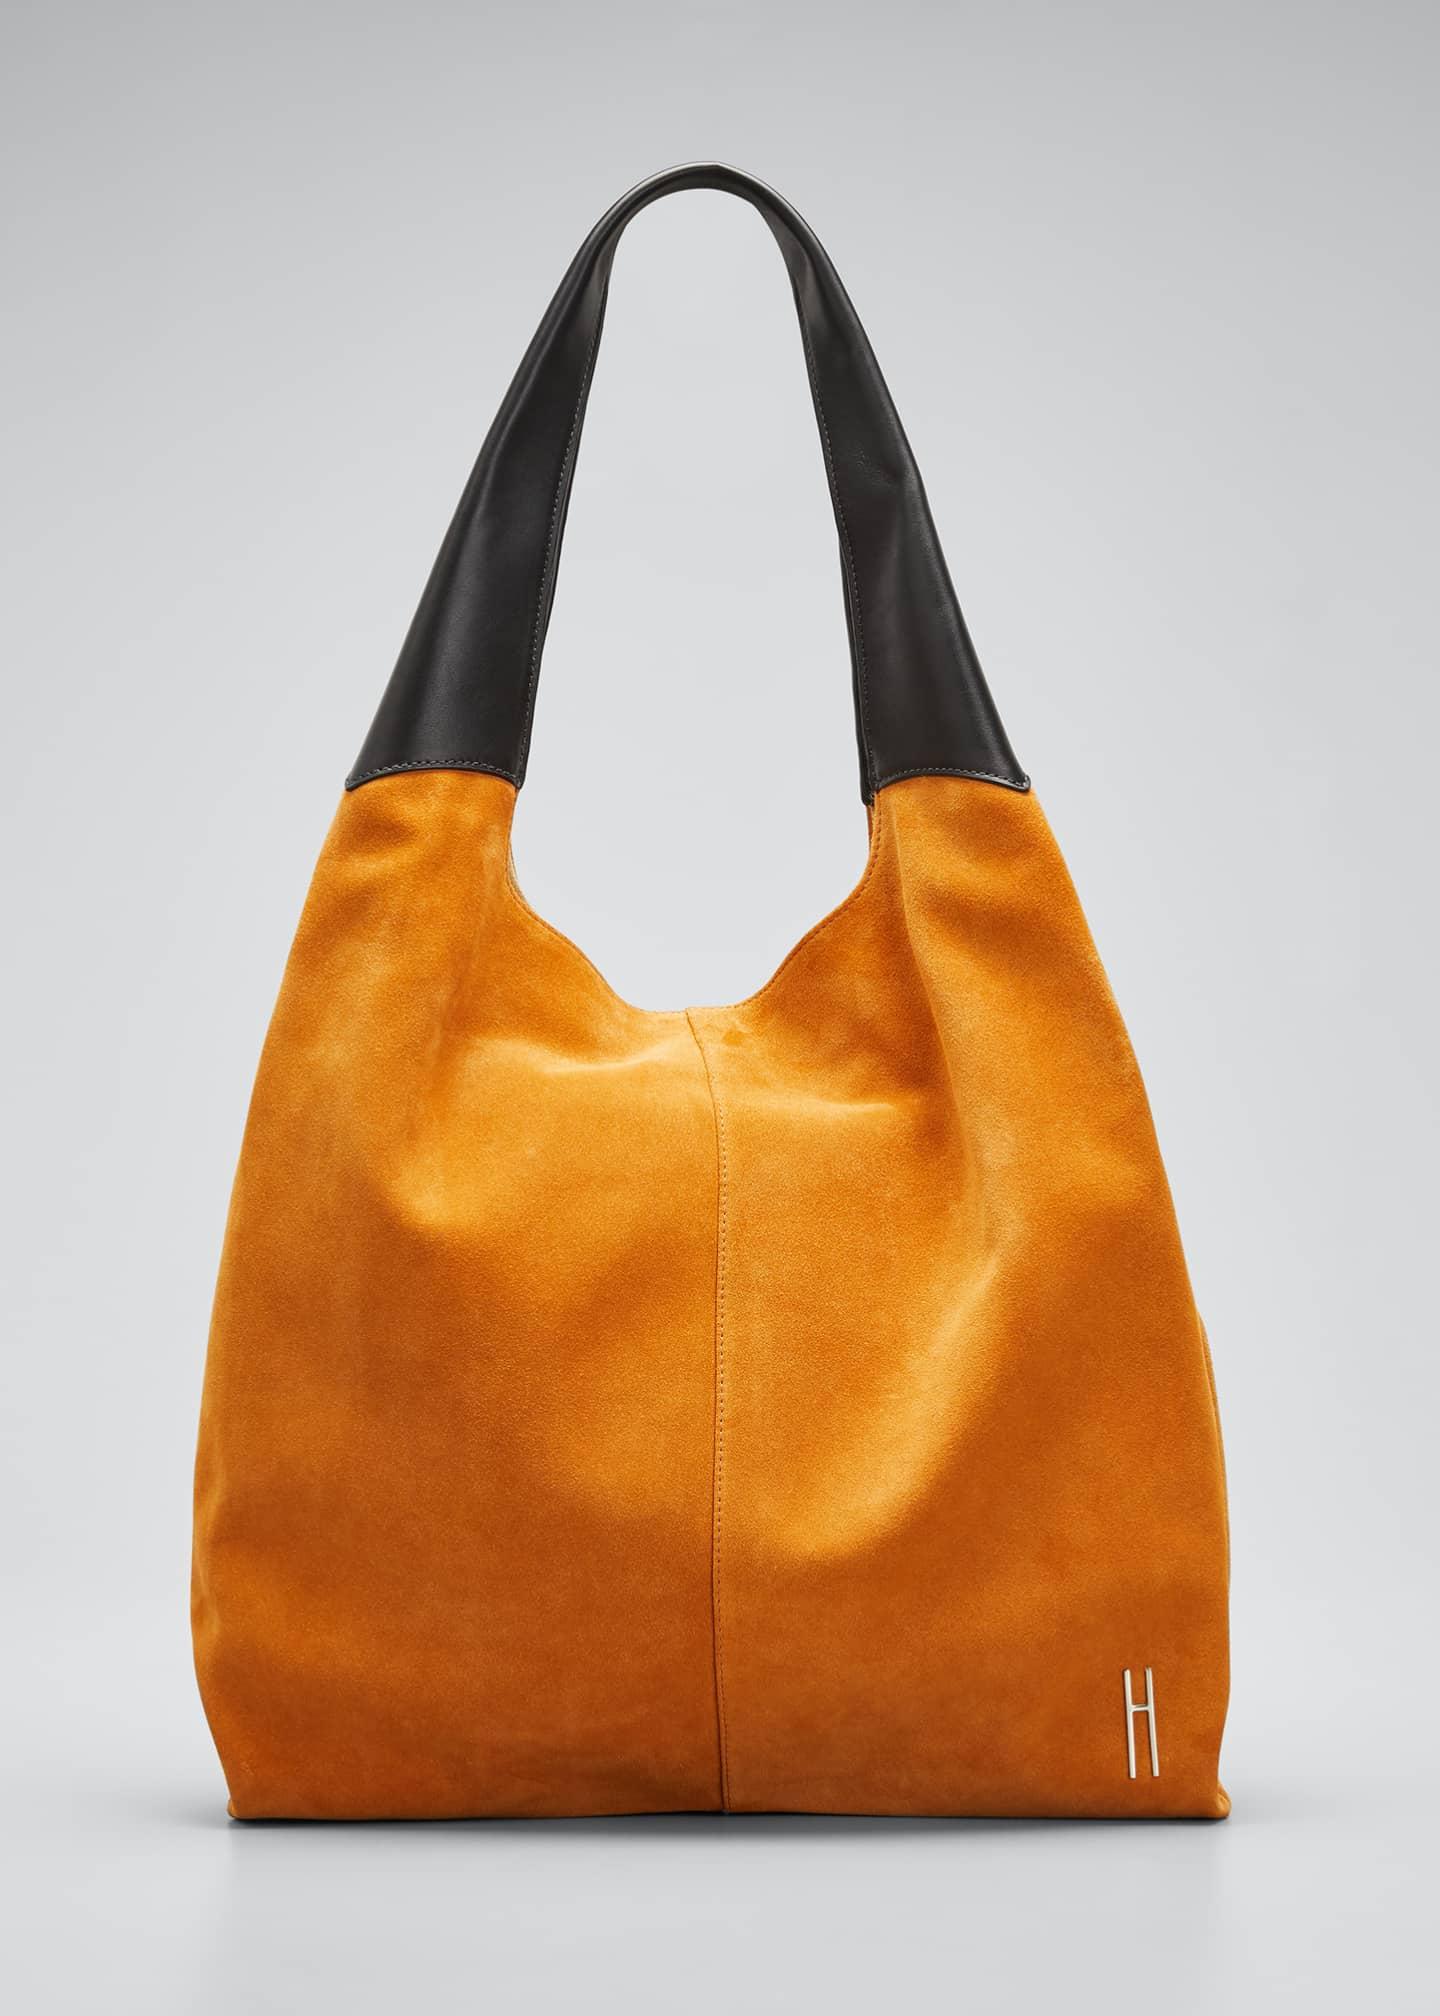 Hayward Grand Shopper Colorblock Tote Bag